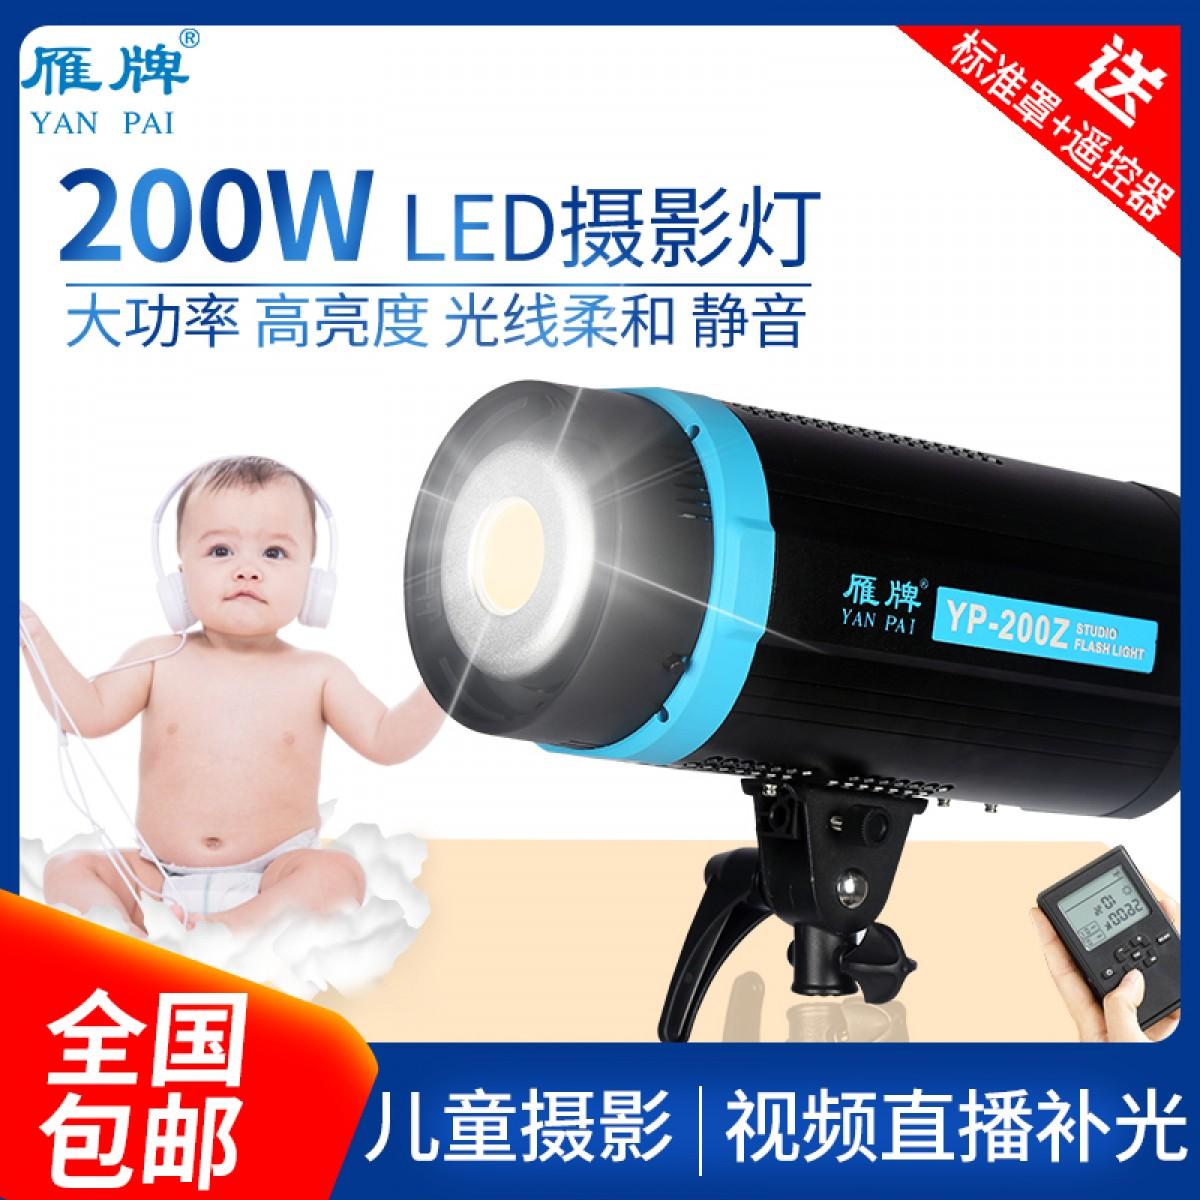 雁牌YP-200Z LED摄影灯儿童常亮灯视频直播柔光灯补光灯太阳灯